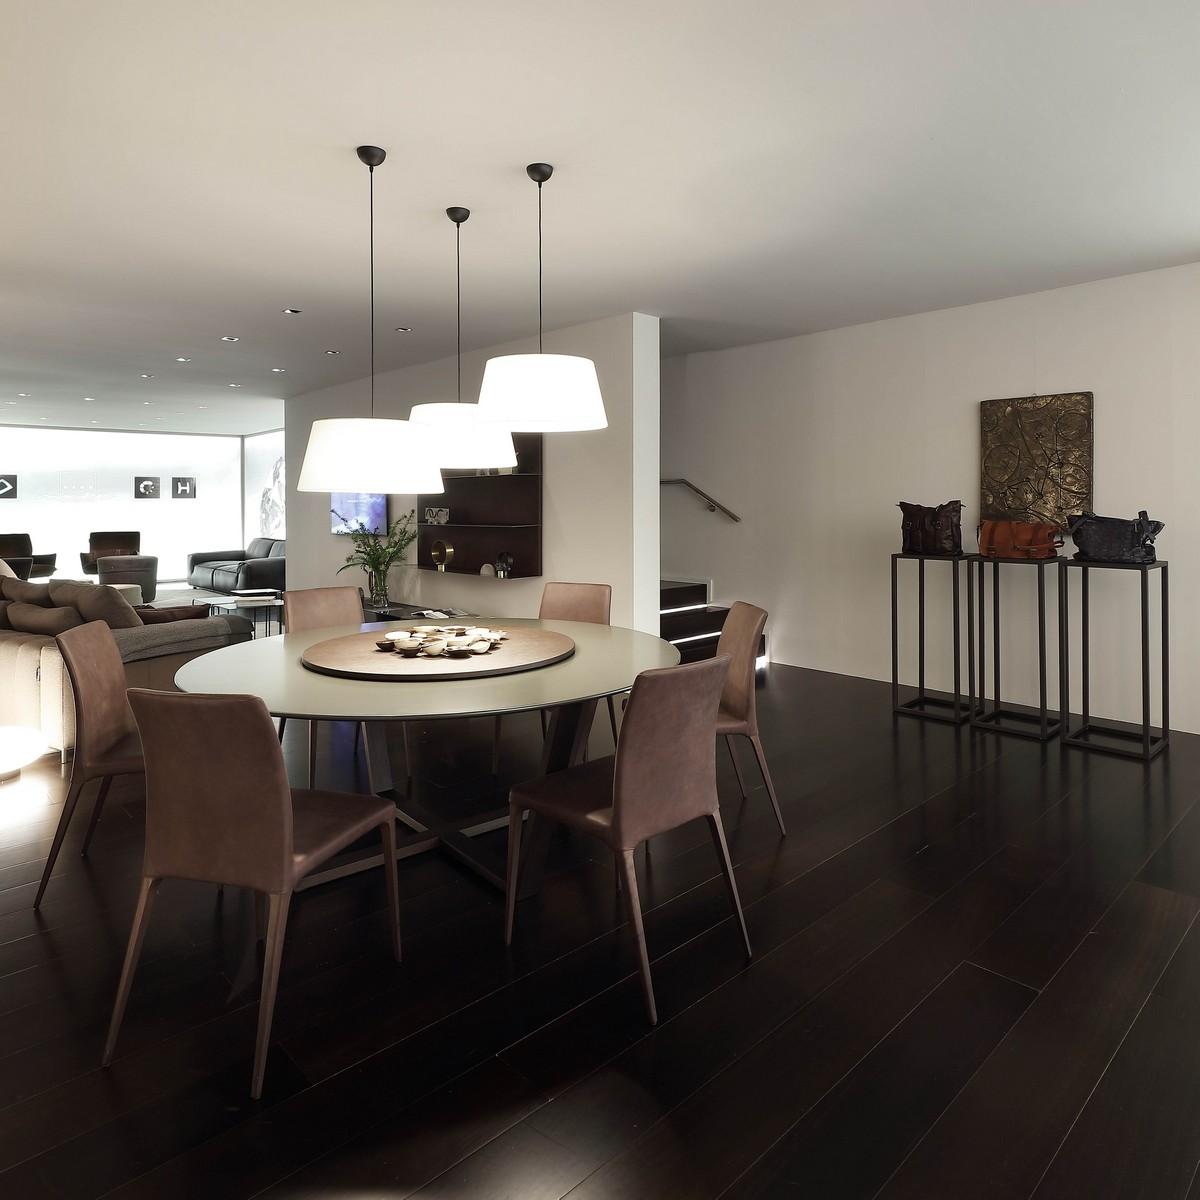 Chateau d ax collezione 2018 novit salone del mobile 70 anniversario - Chateau d ax tavoli ...